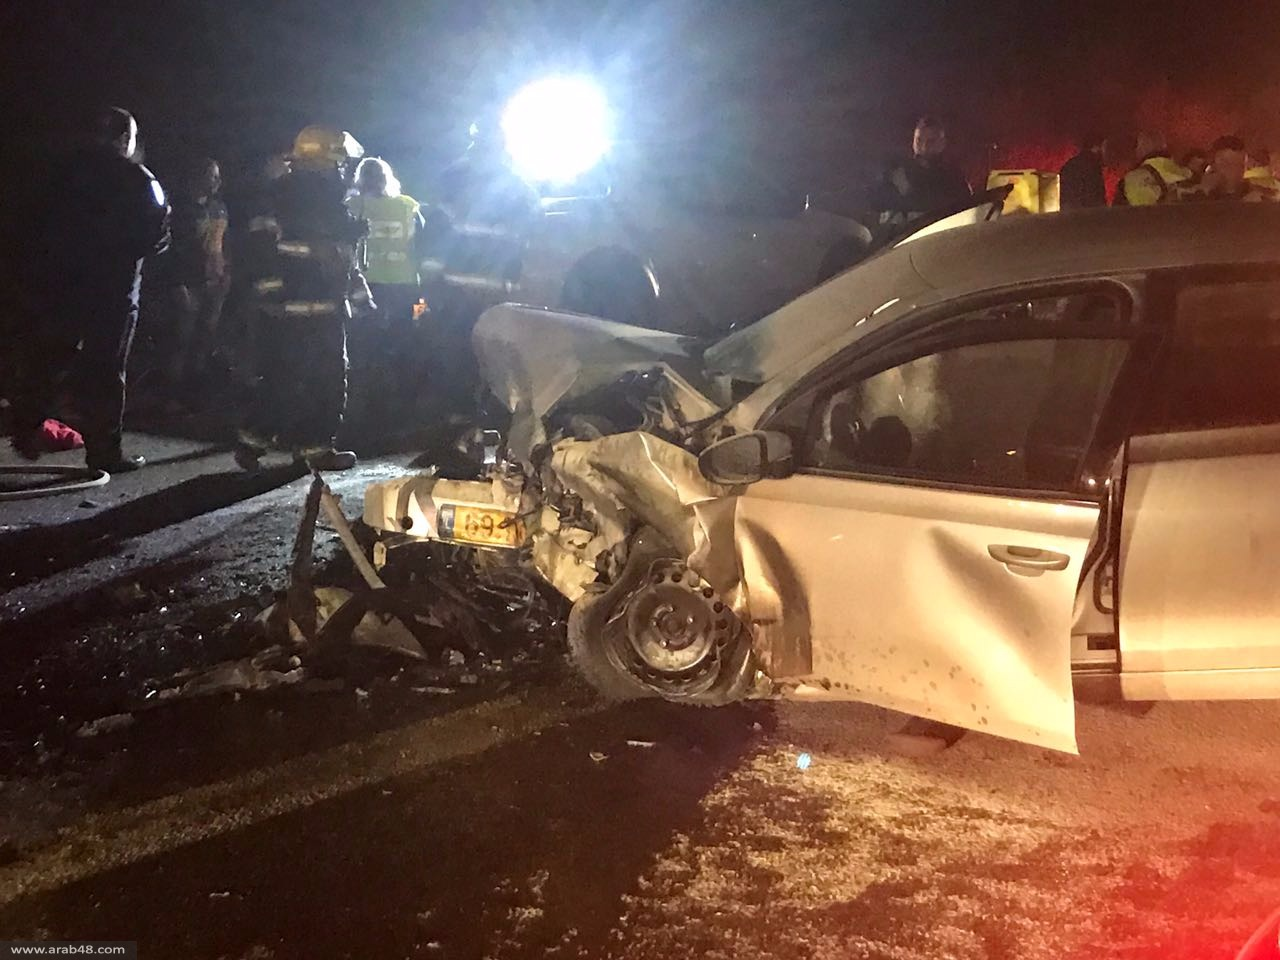 شفاعمرو: مصرع جمال زعزع وإصابة 6 آخرين بحادث طرق